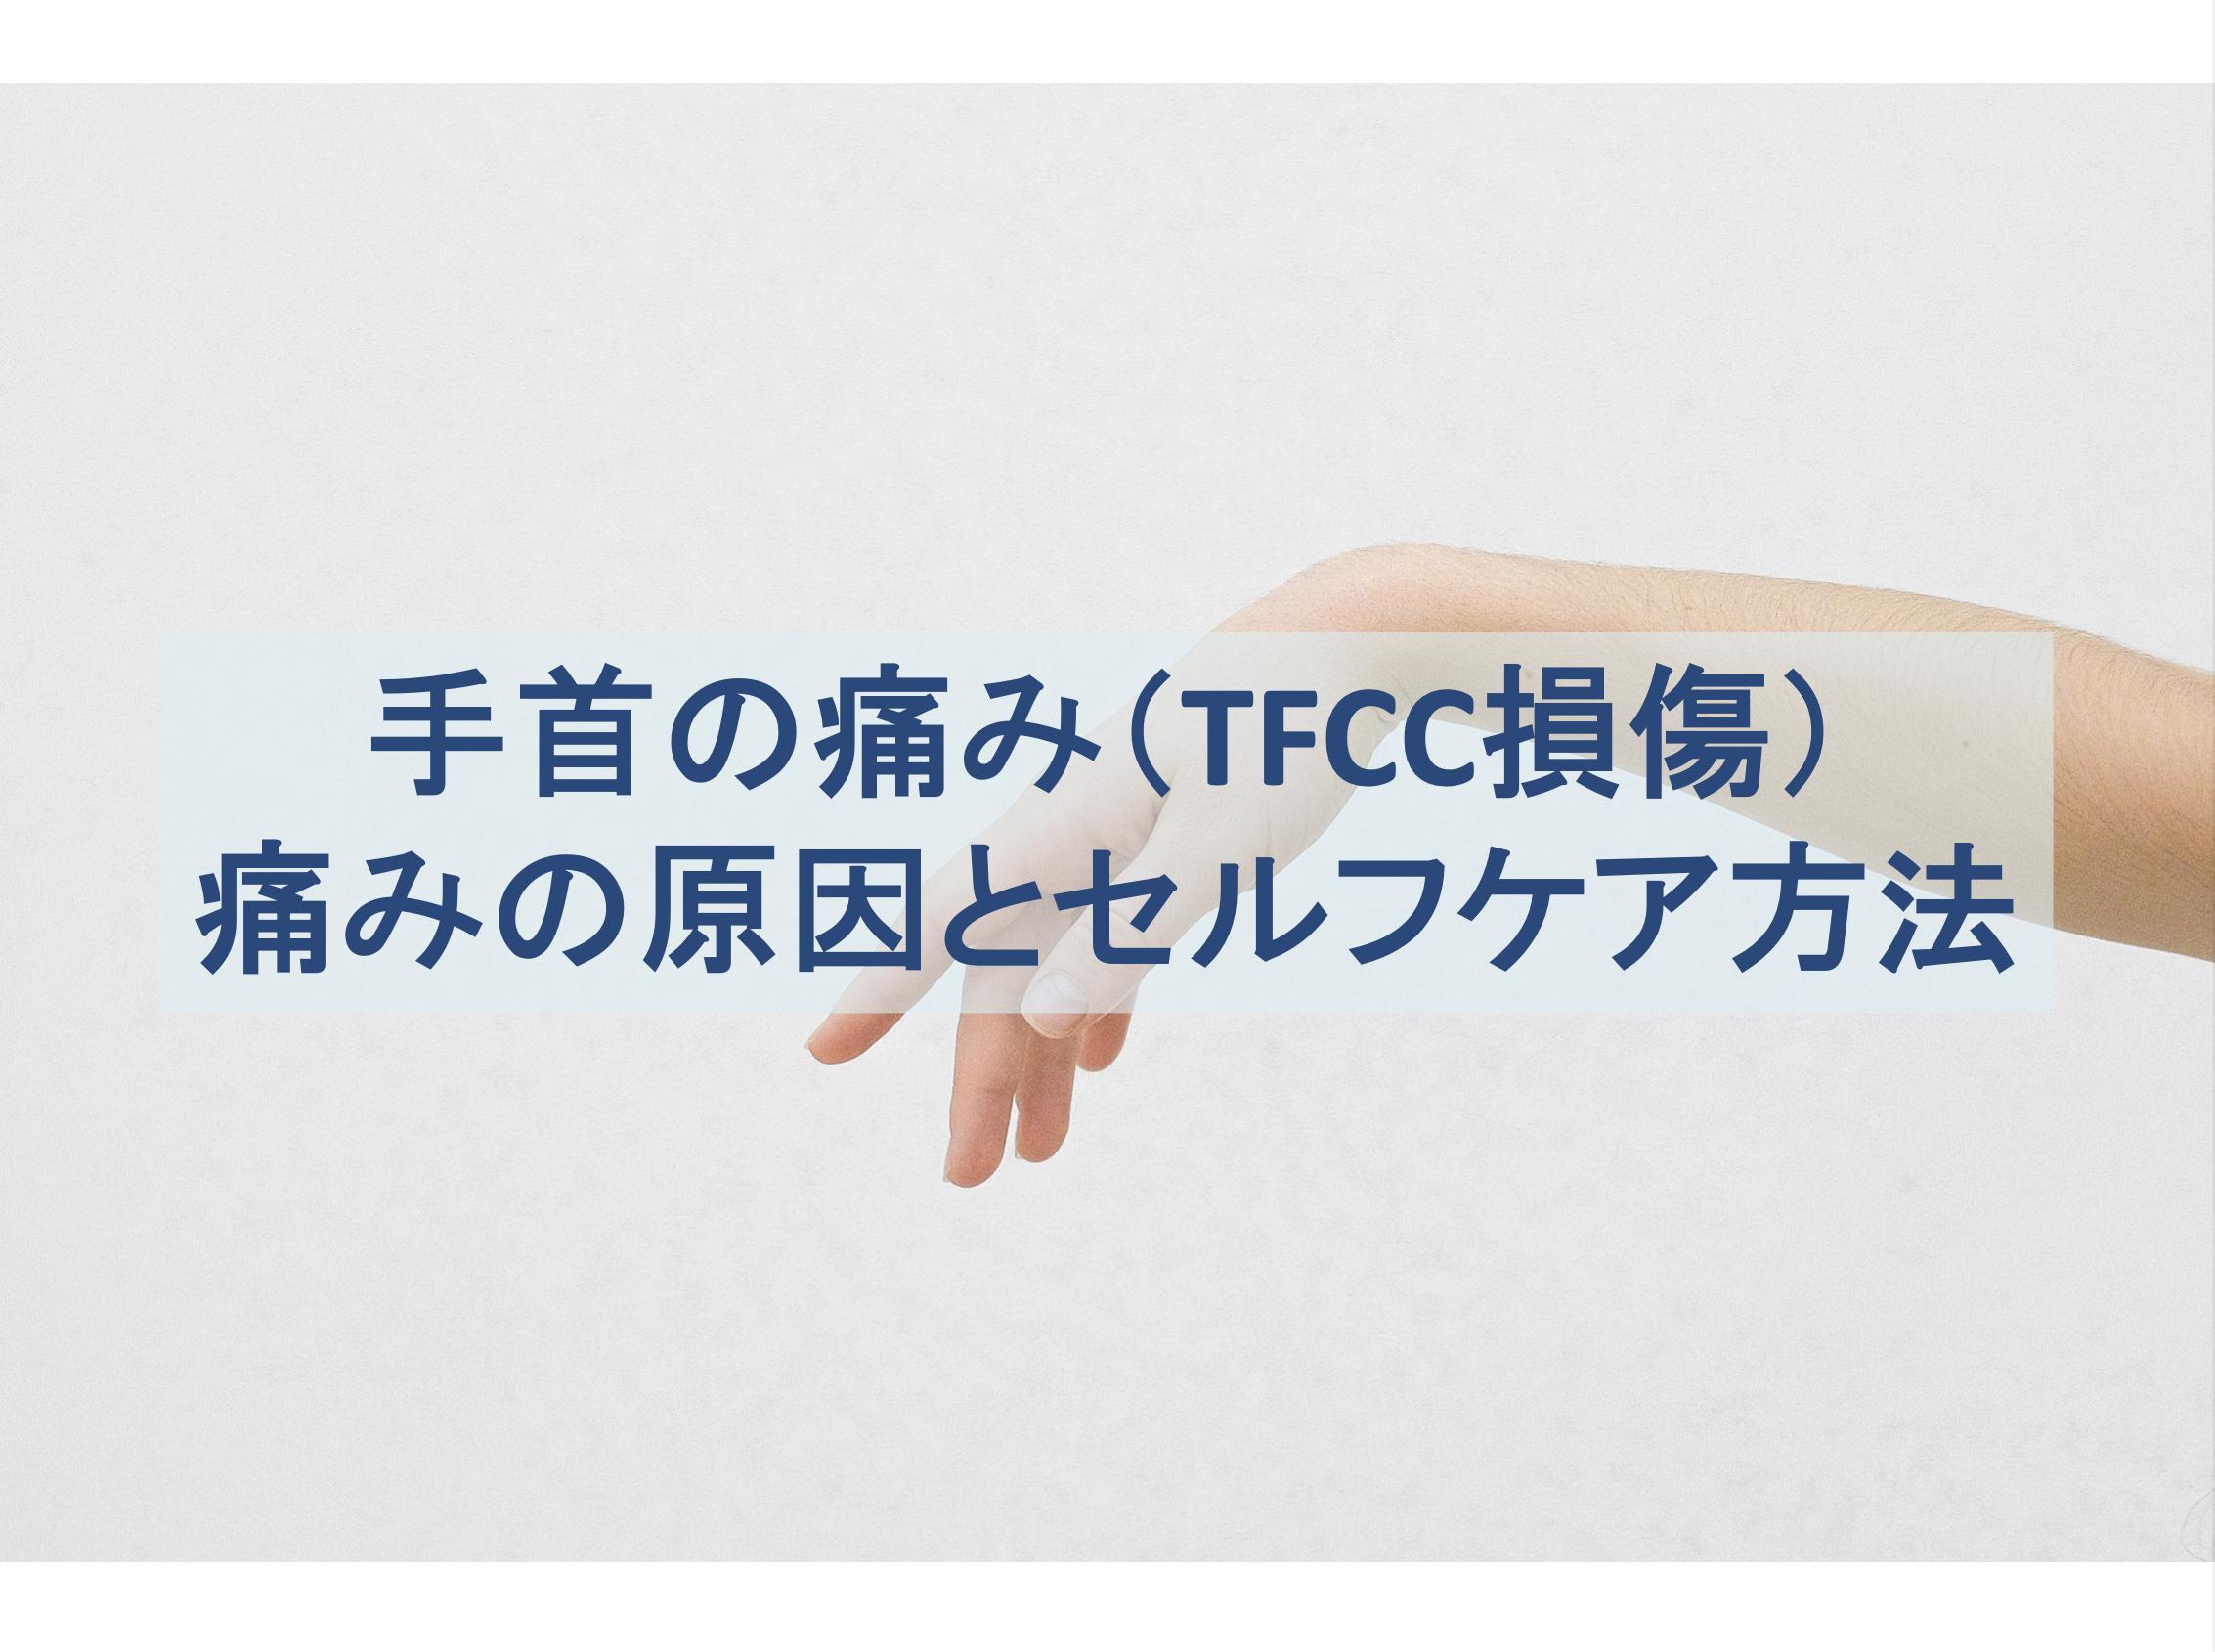 手首の痛み(TFCC損傷)の原因んとセルフケア方法のトップ画像